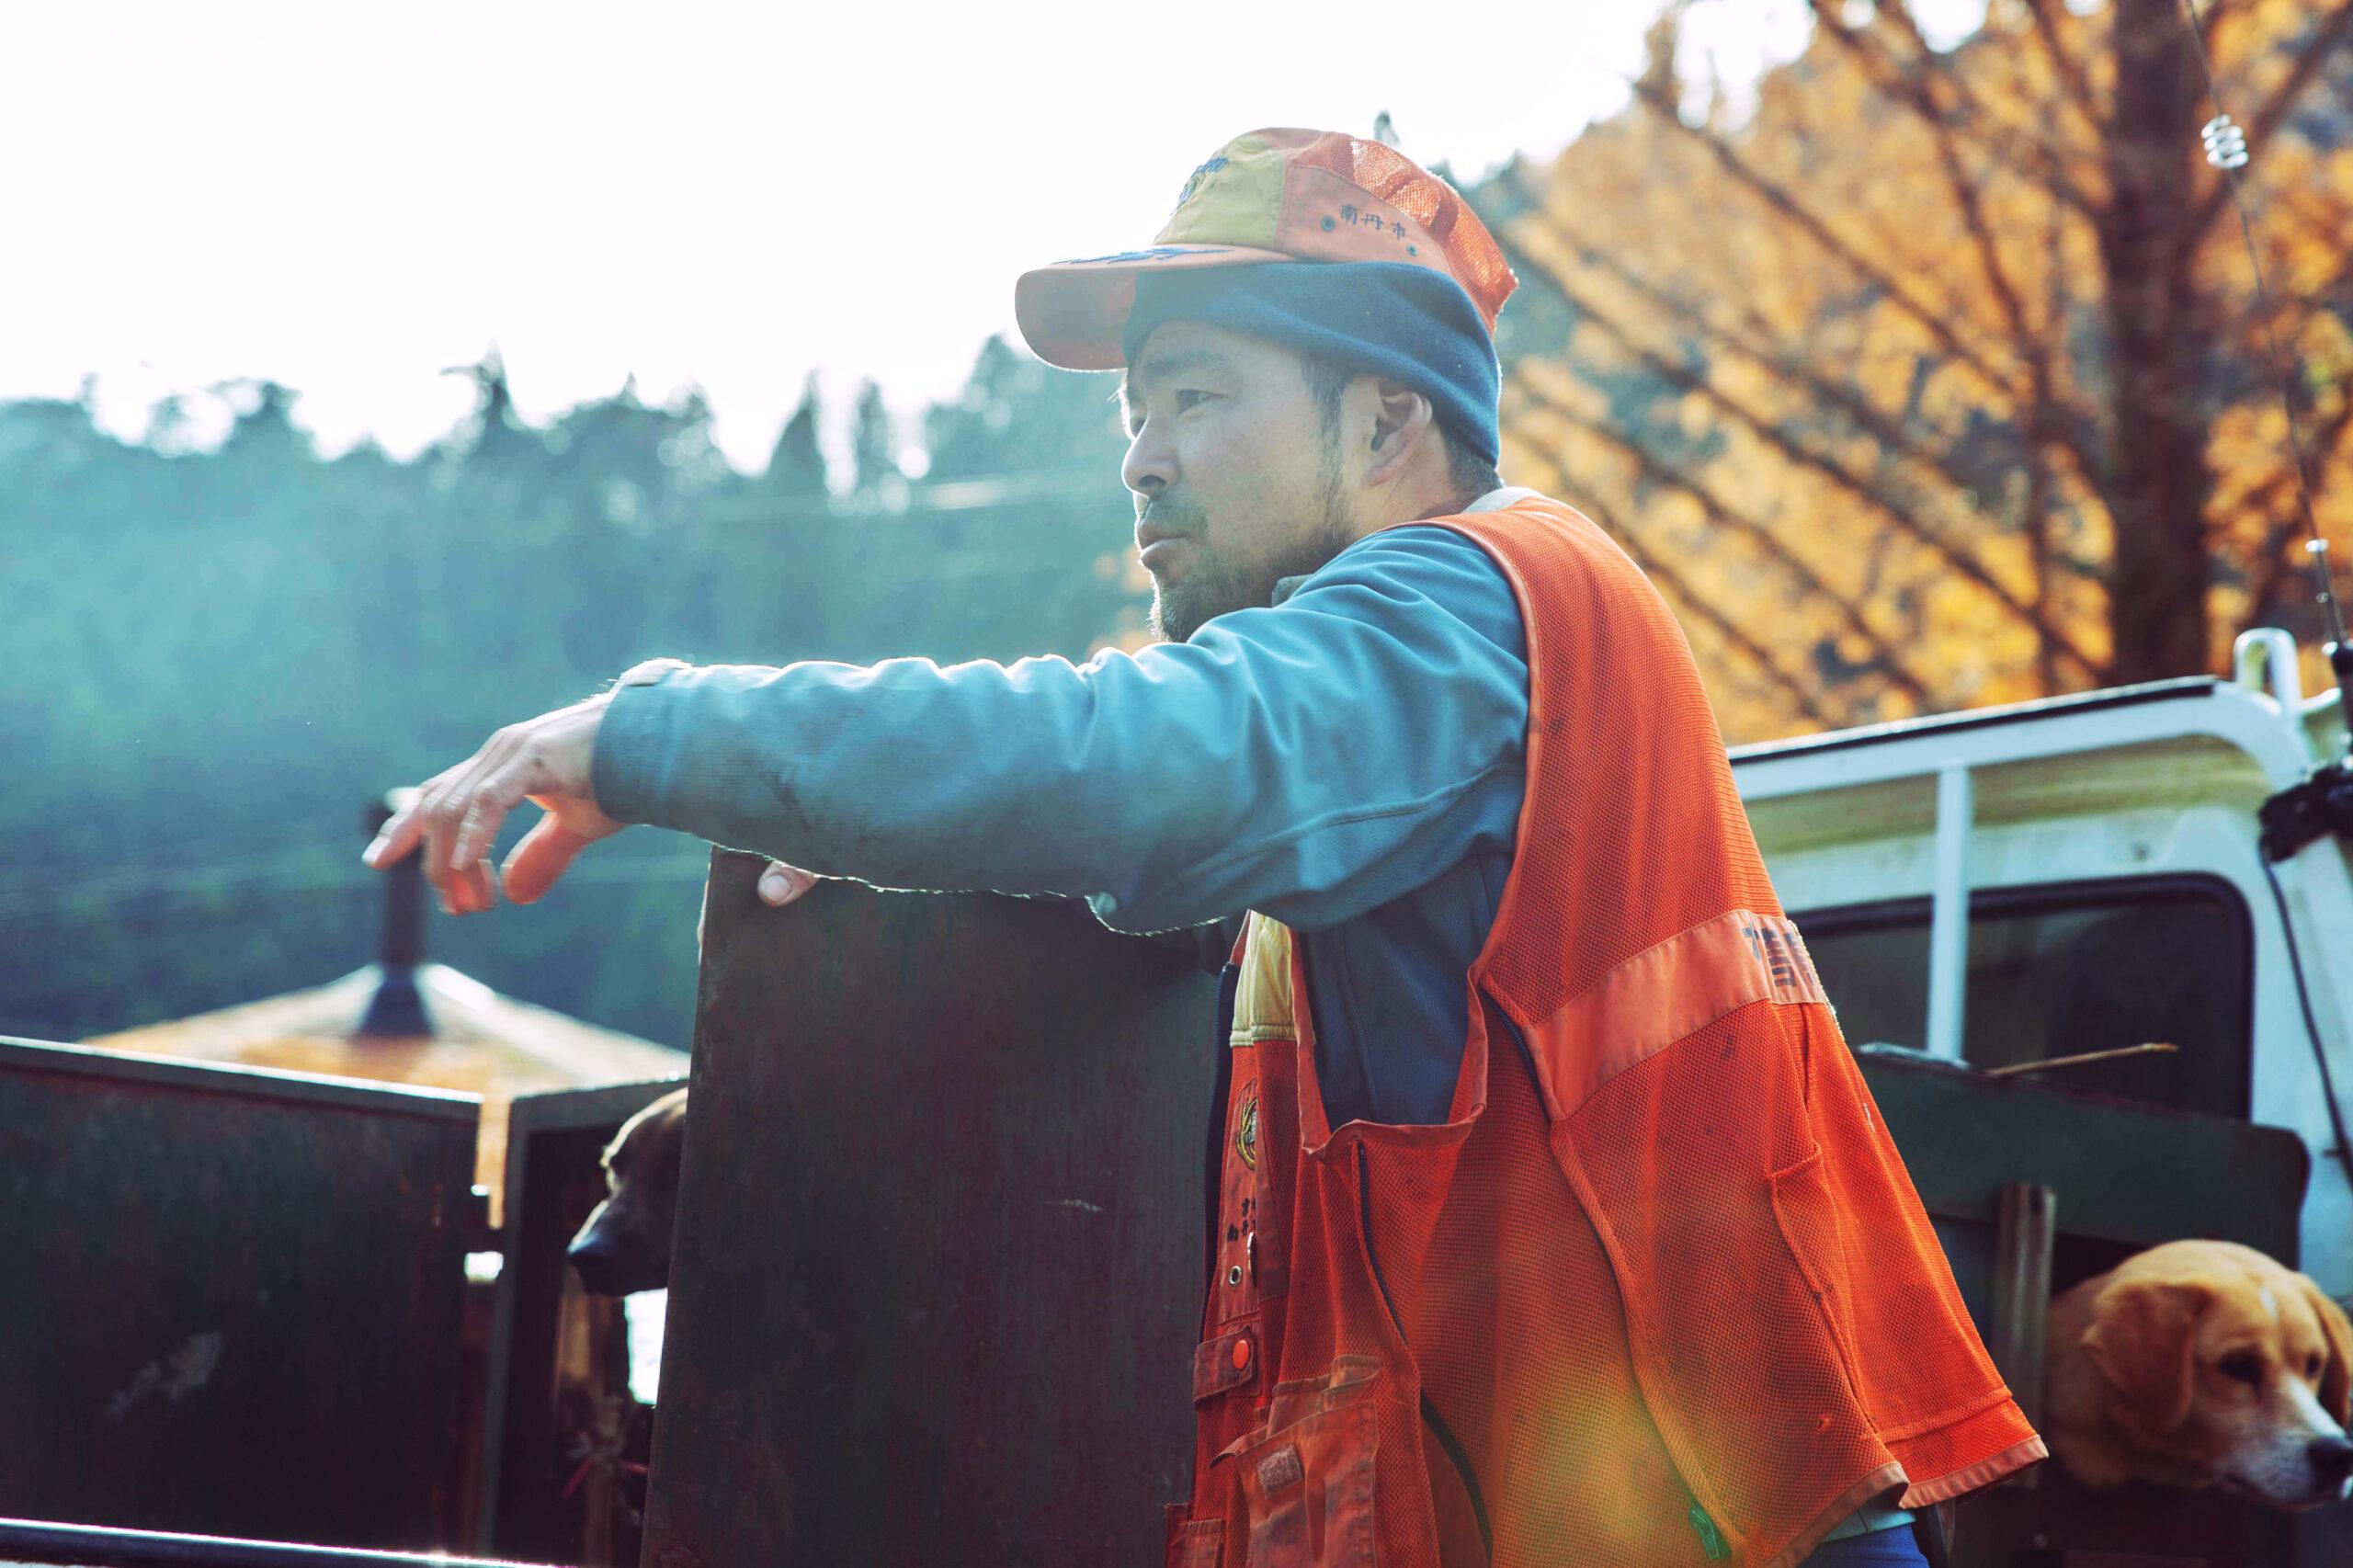 美山の猟師であり農家でもある藤原さんの仕事着姿の横顔写真